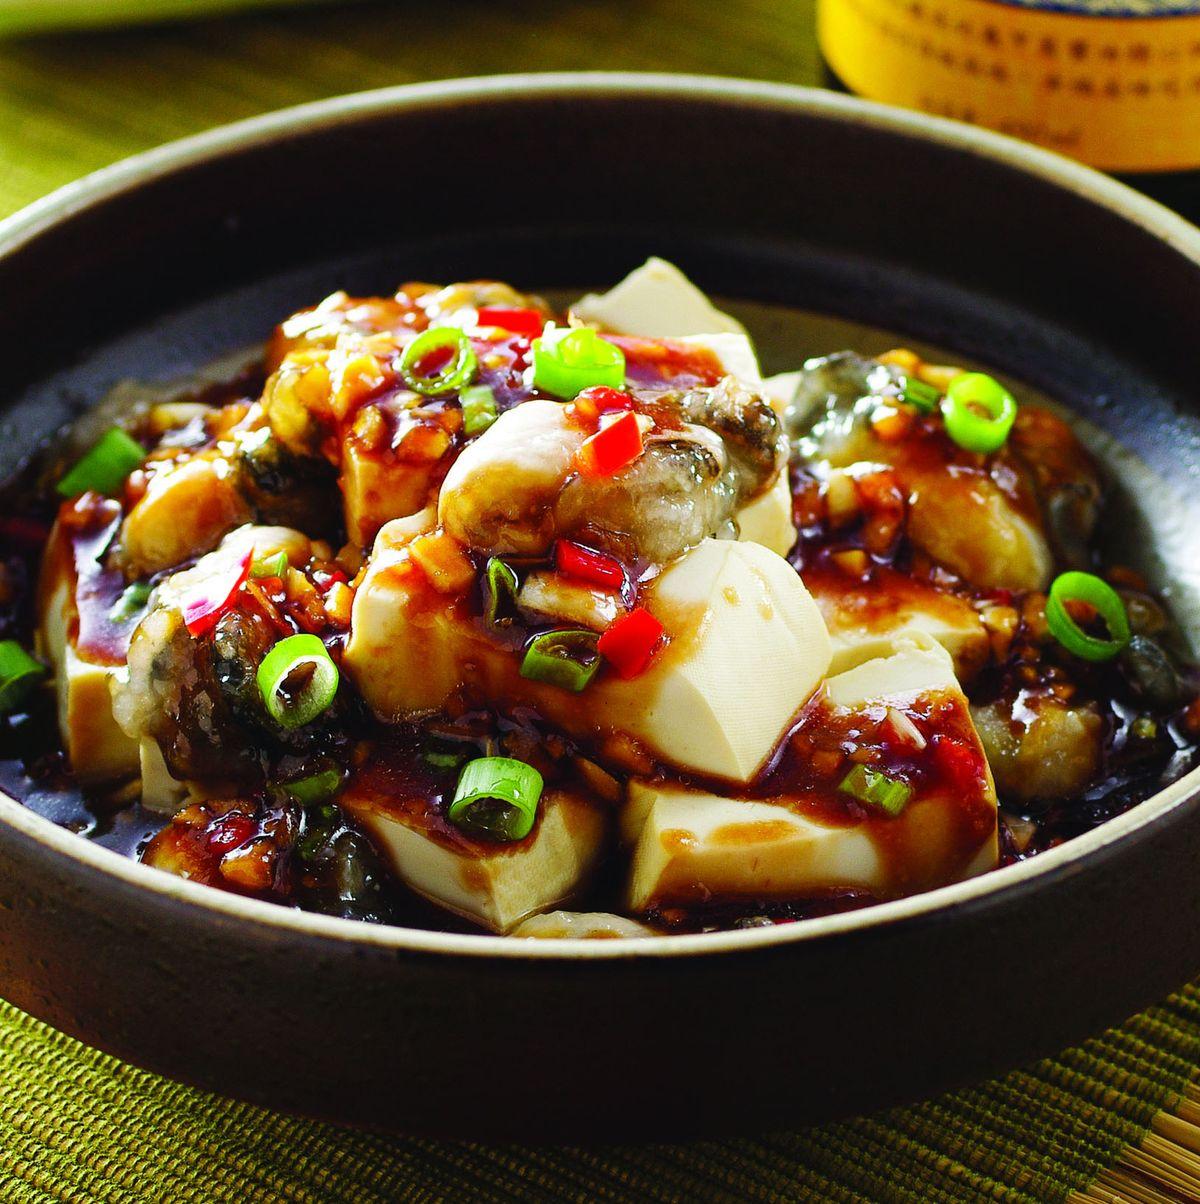 食譜:蒜味鮮蚵拌豆腐